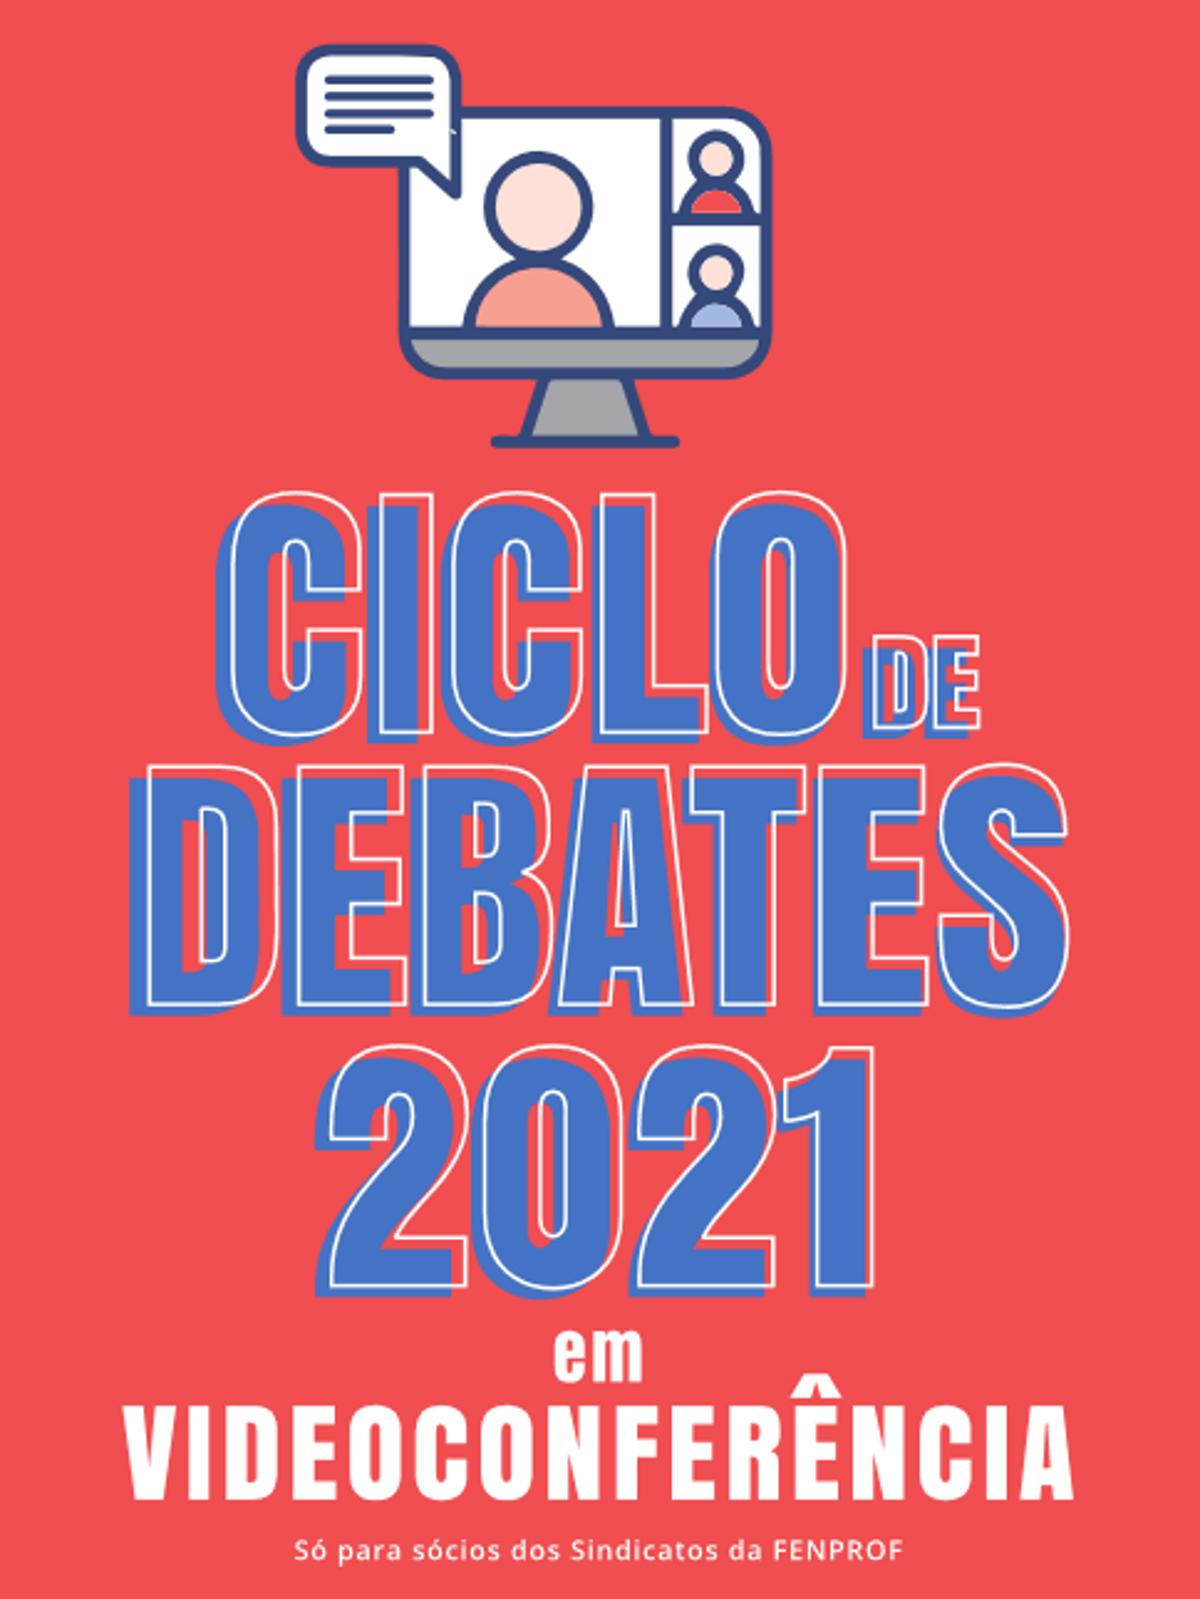 CicloDebates2021